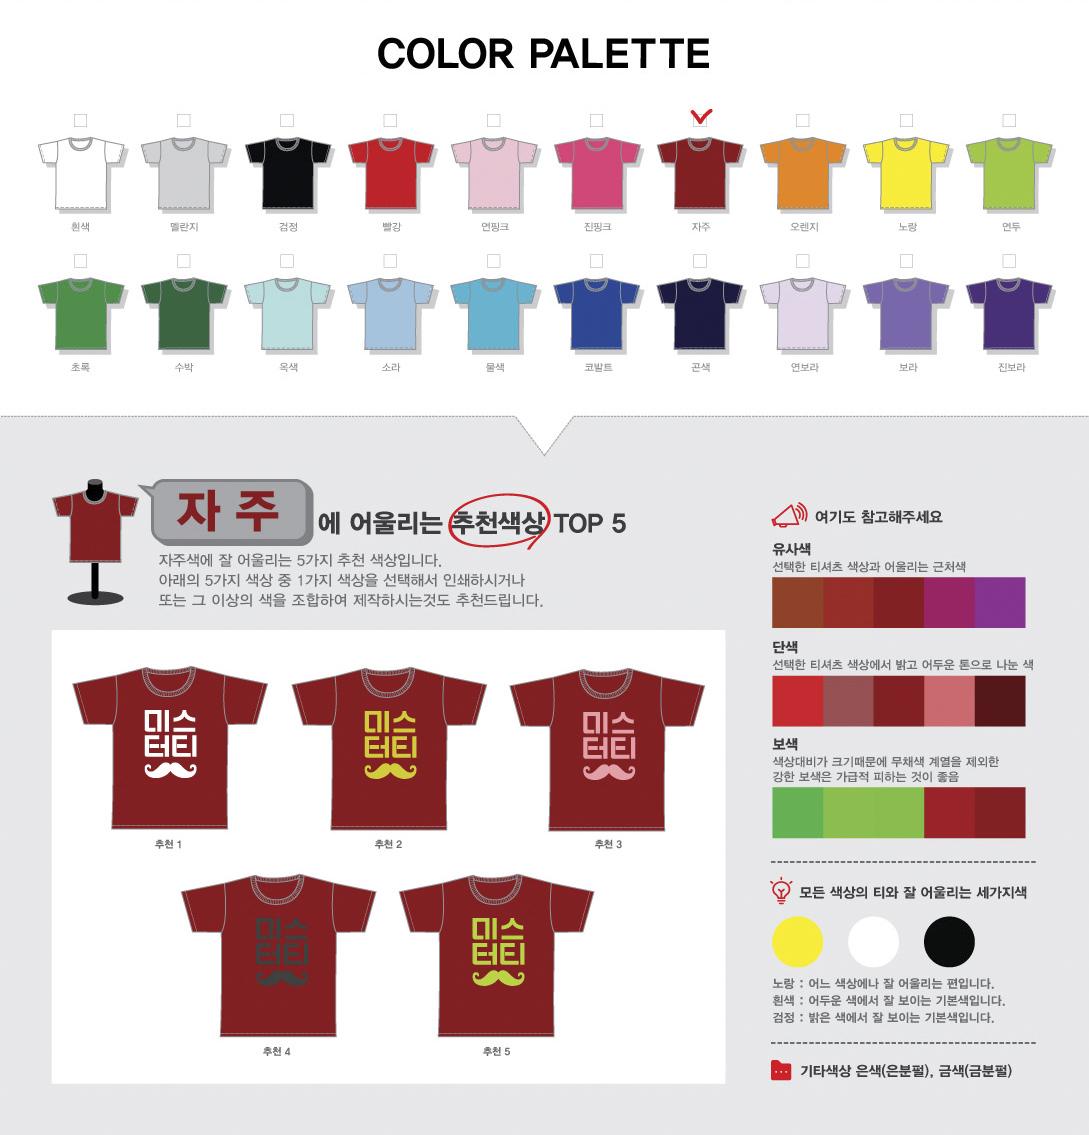 자주색 단체티에 어울리는 로고색상,자주색단체티 제작색상,자주색단체복 로고색상,자주색단체티 디자인색상,자주색단체티셔츠 로고색상